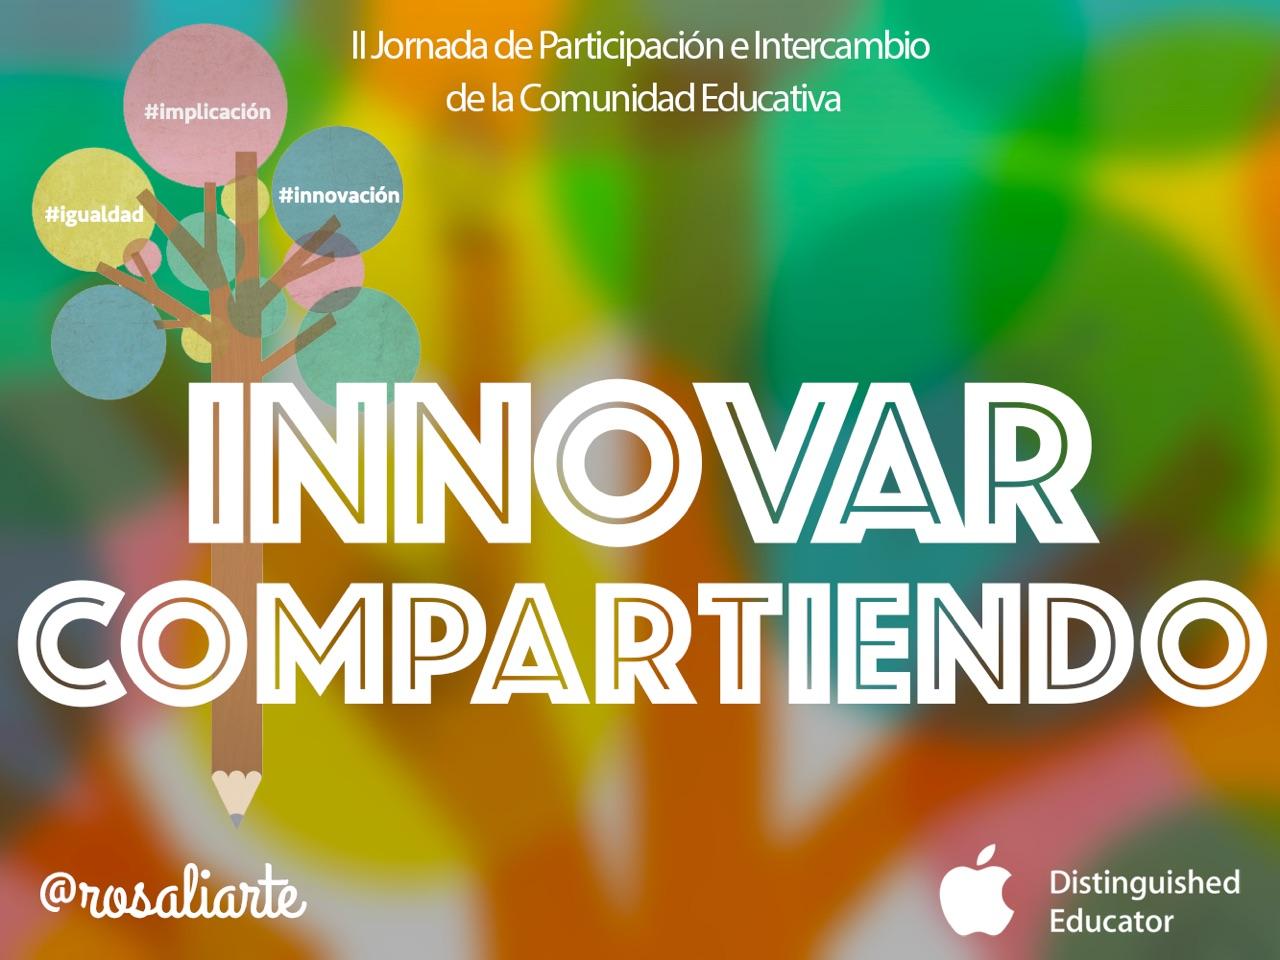 Innovar compartiendo en Edusionat